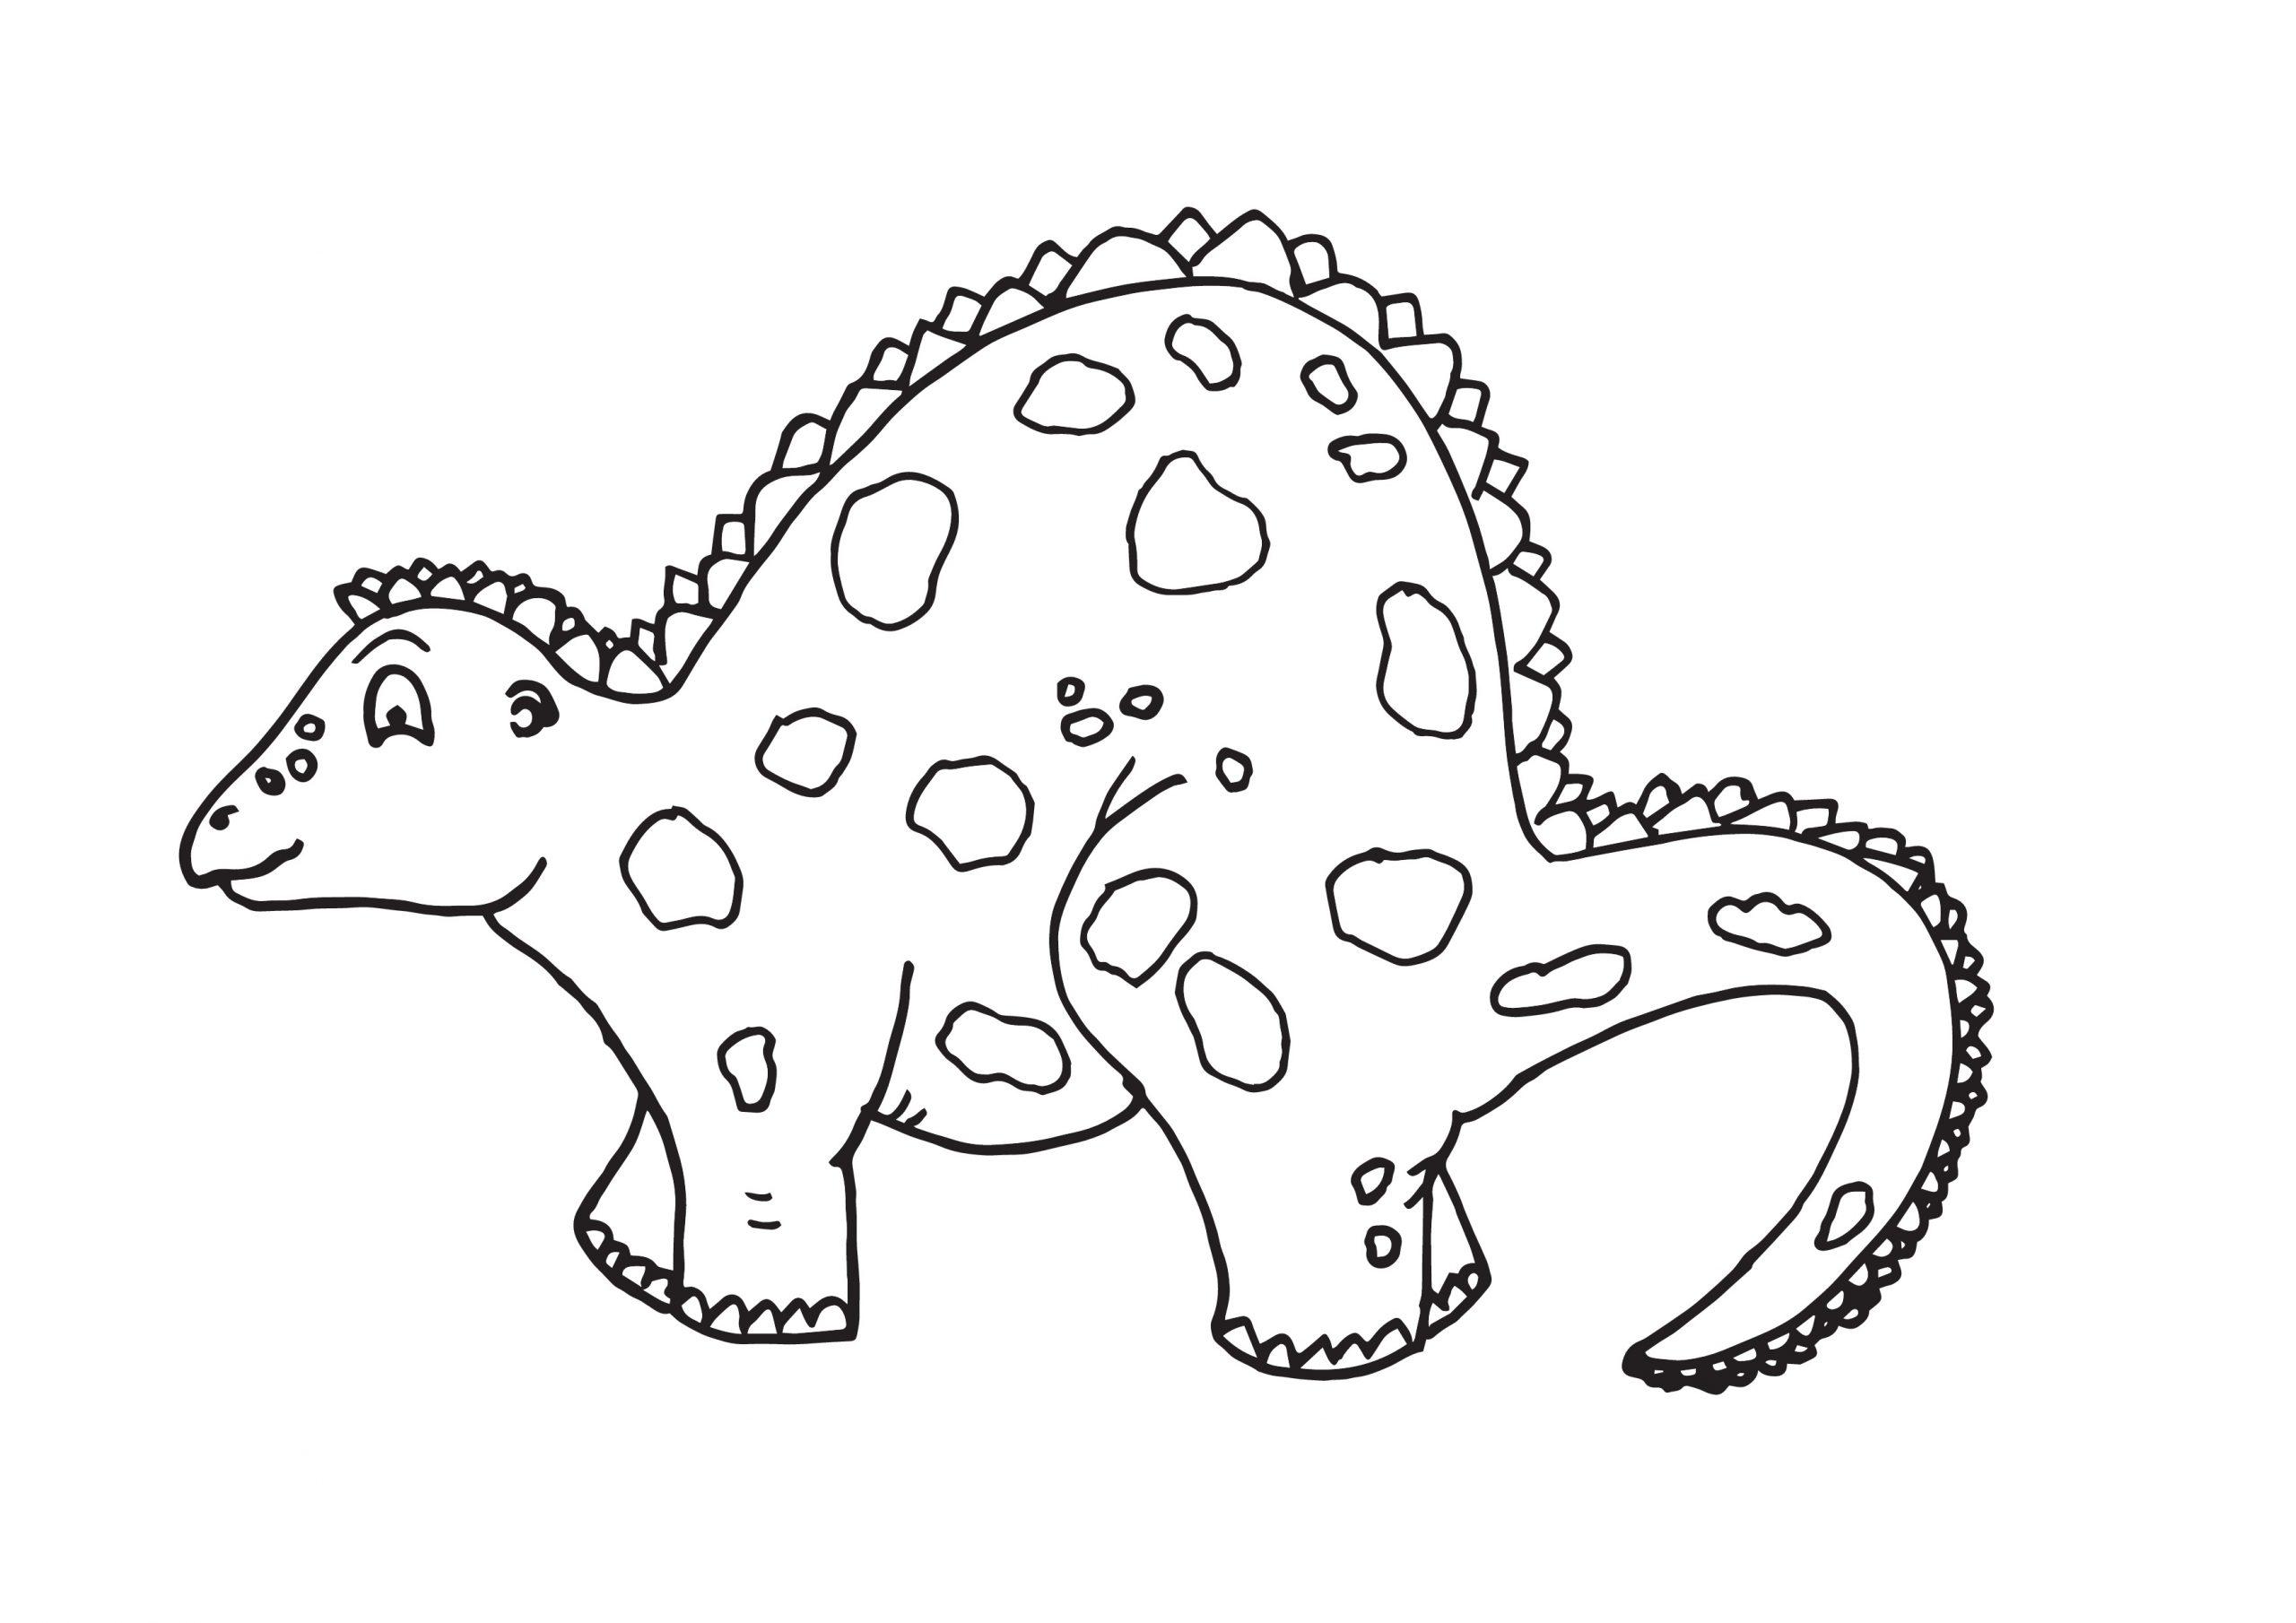 Ausmalbild Dinosaurier - Kostenlose Malvorlagen mit Dino Ausmalbild